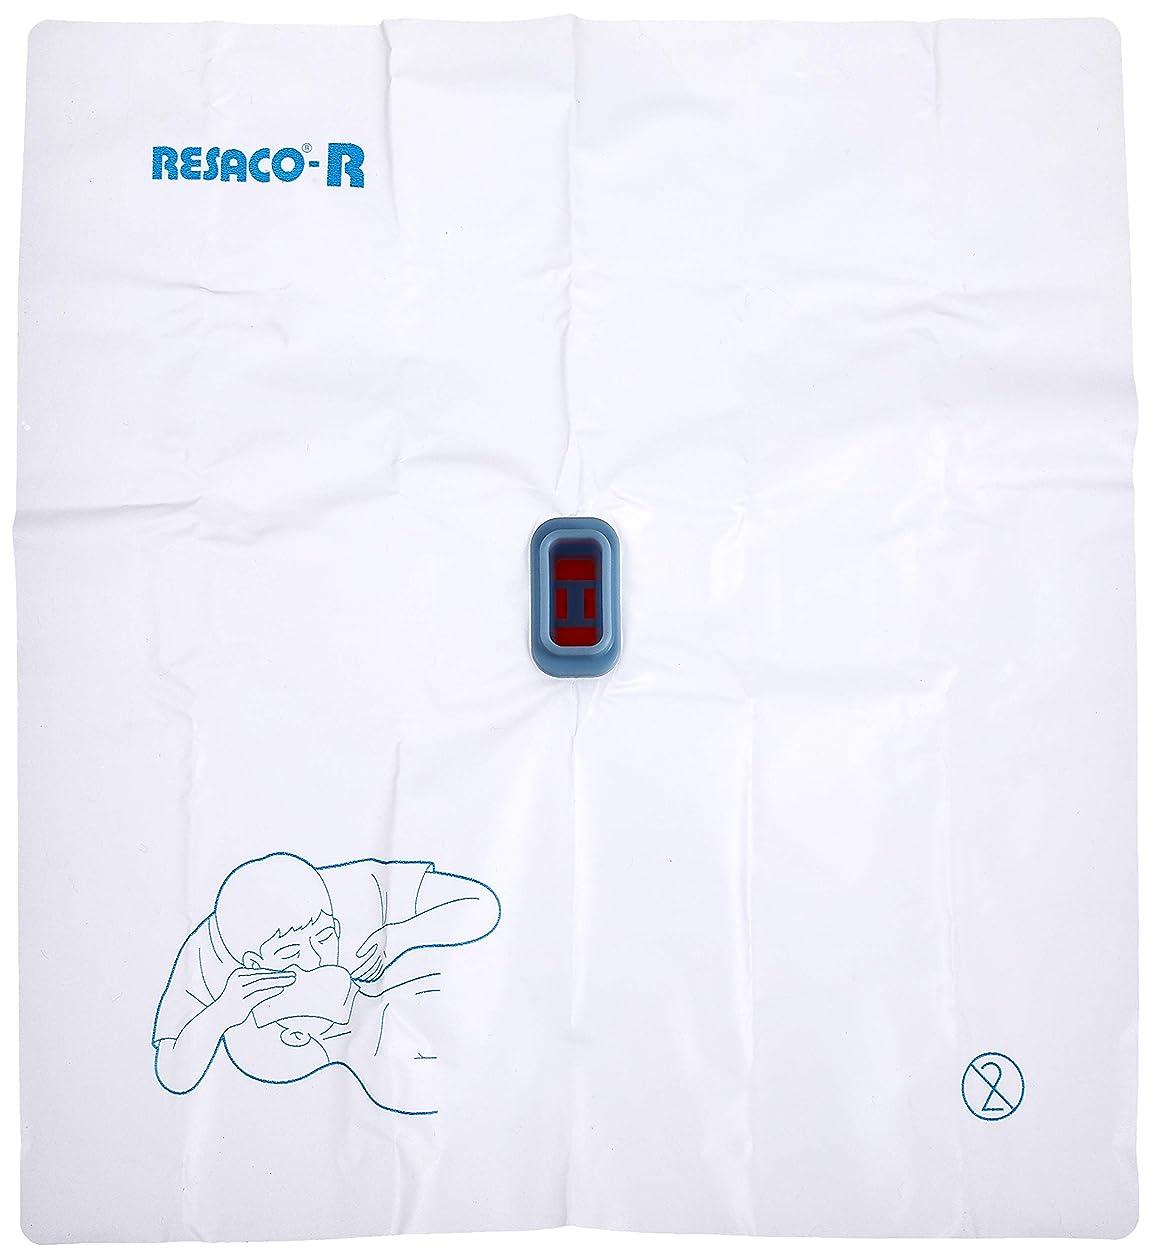 ブラウスパシフィックデュアルレサコ 人工呼吸用マウスシート レサコRG(ポリ手袋付) 8-8512-02